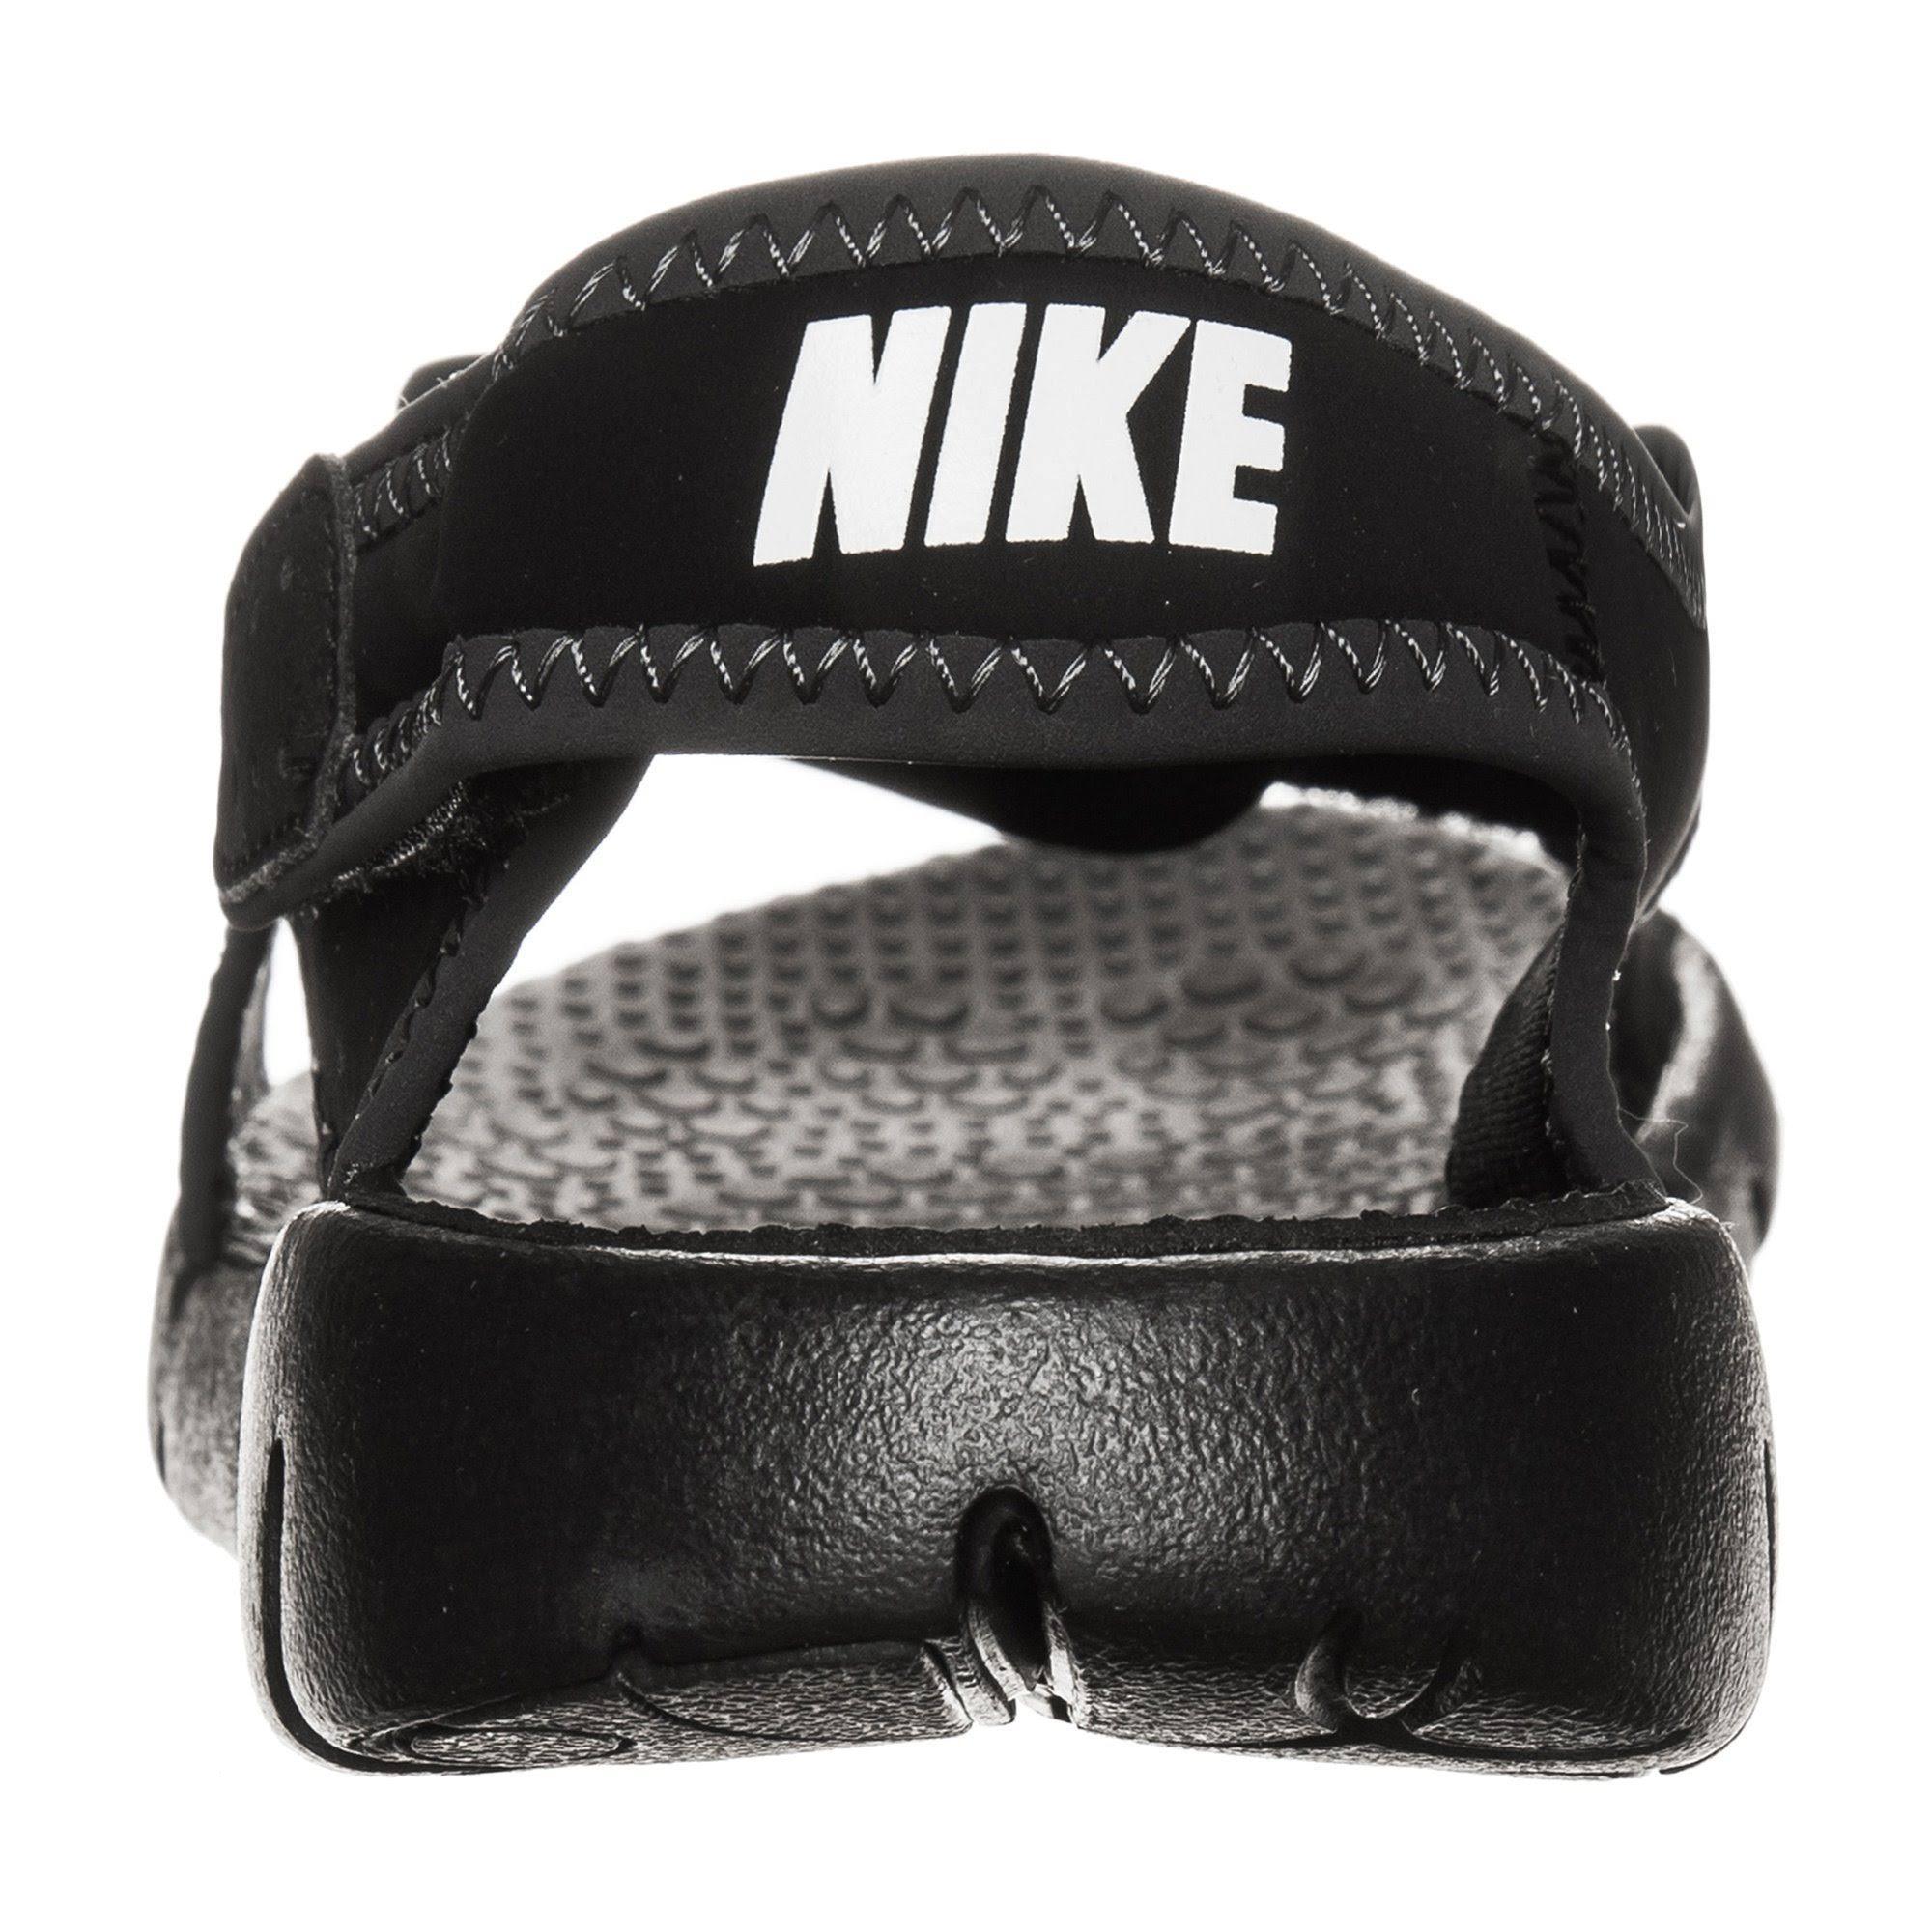 Schwarz 386518011 Adjust 31 Gsps Größe 4 Nike Sunray Schuhe wHFRq118